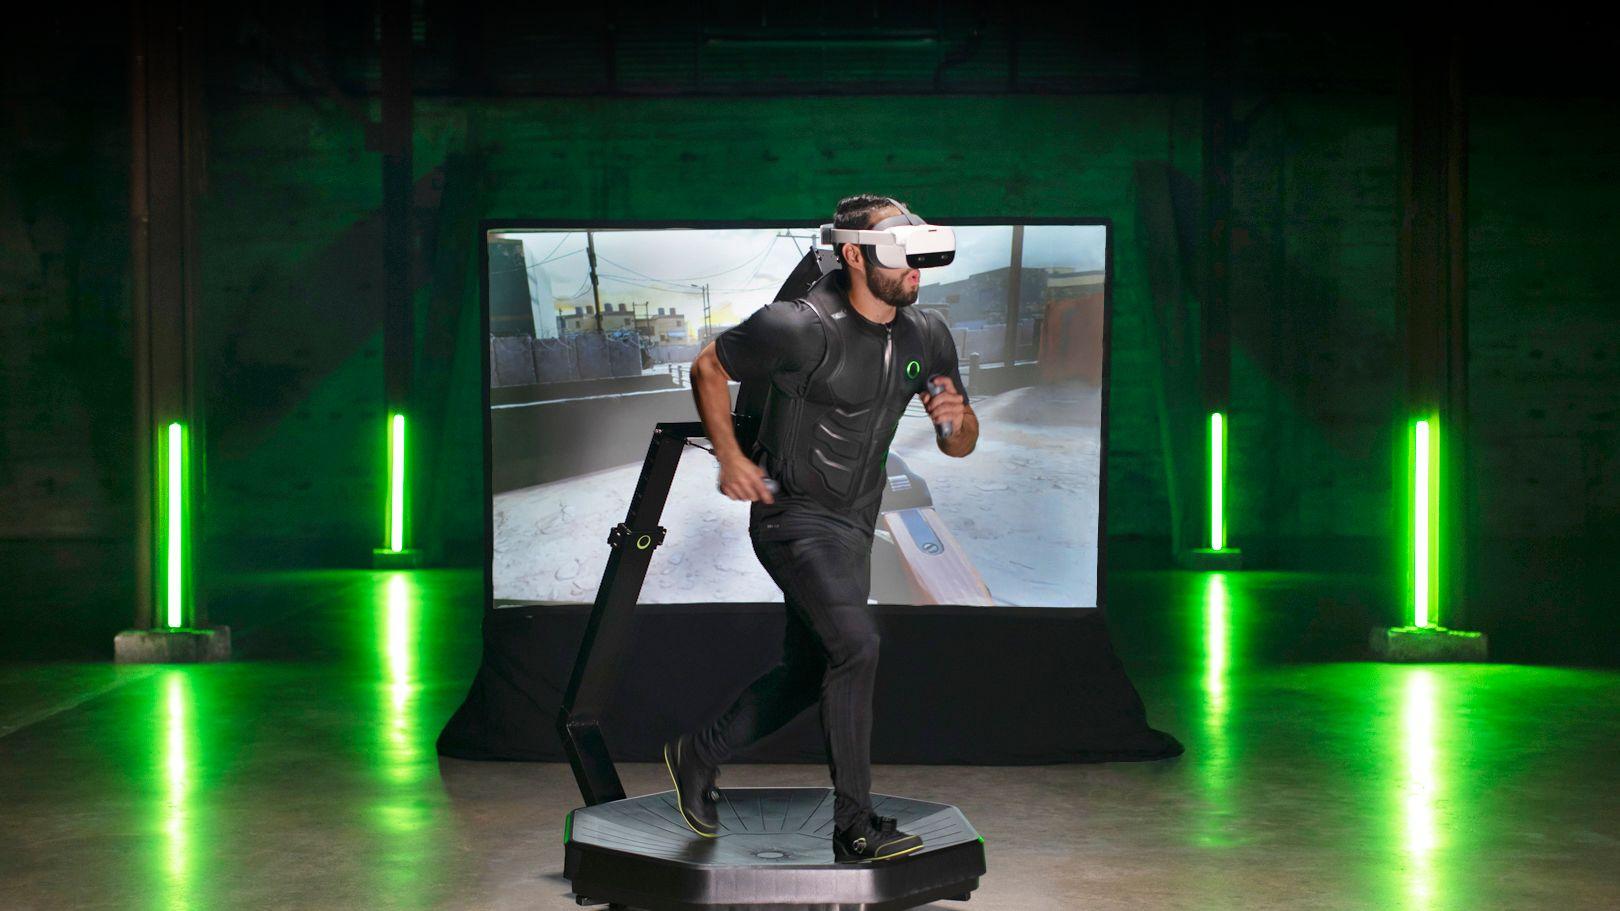 歩いて走れる家庭用VRゲーム機「Omini One」